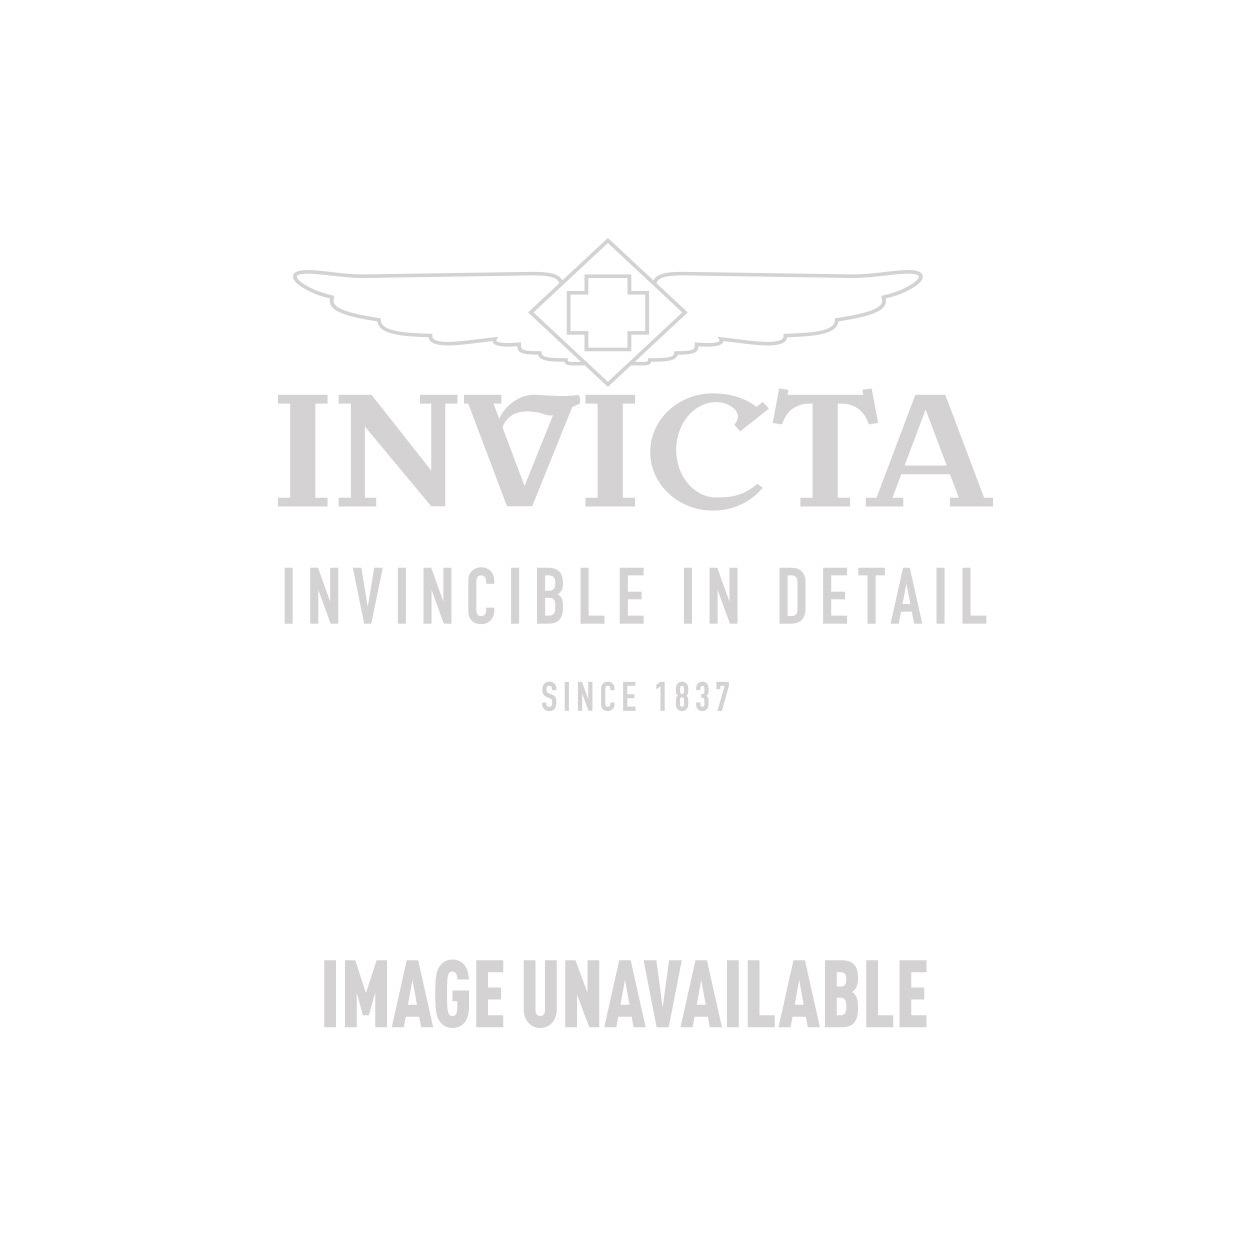 Invicta Model 29630